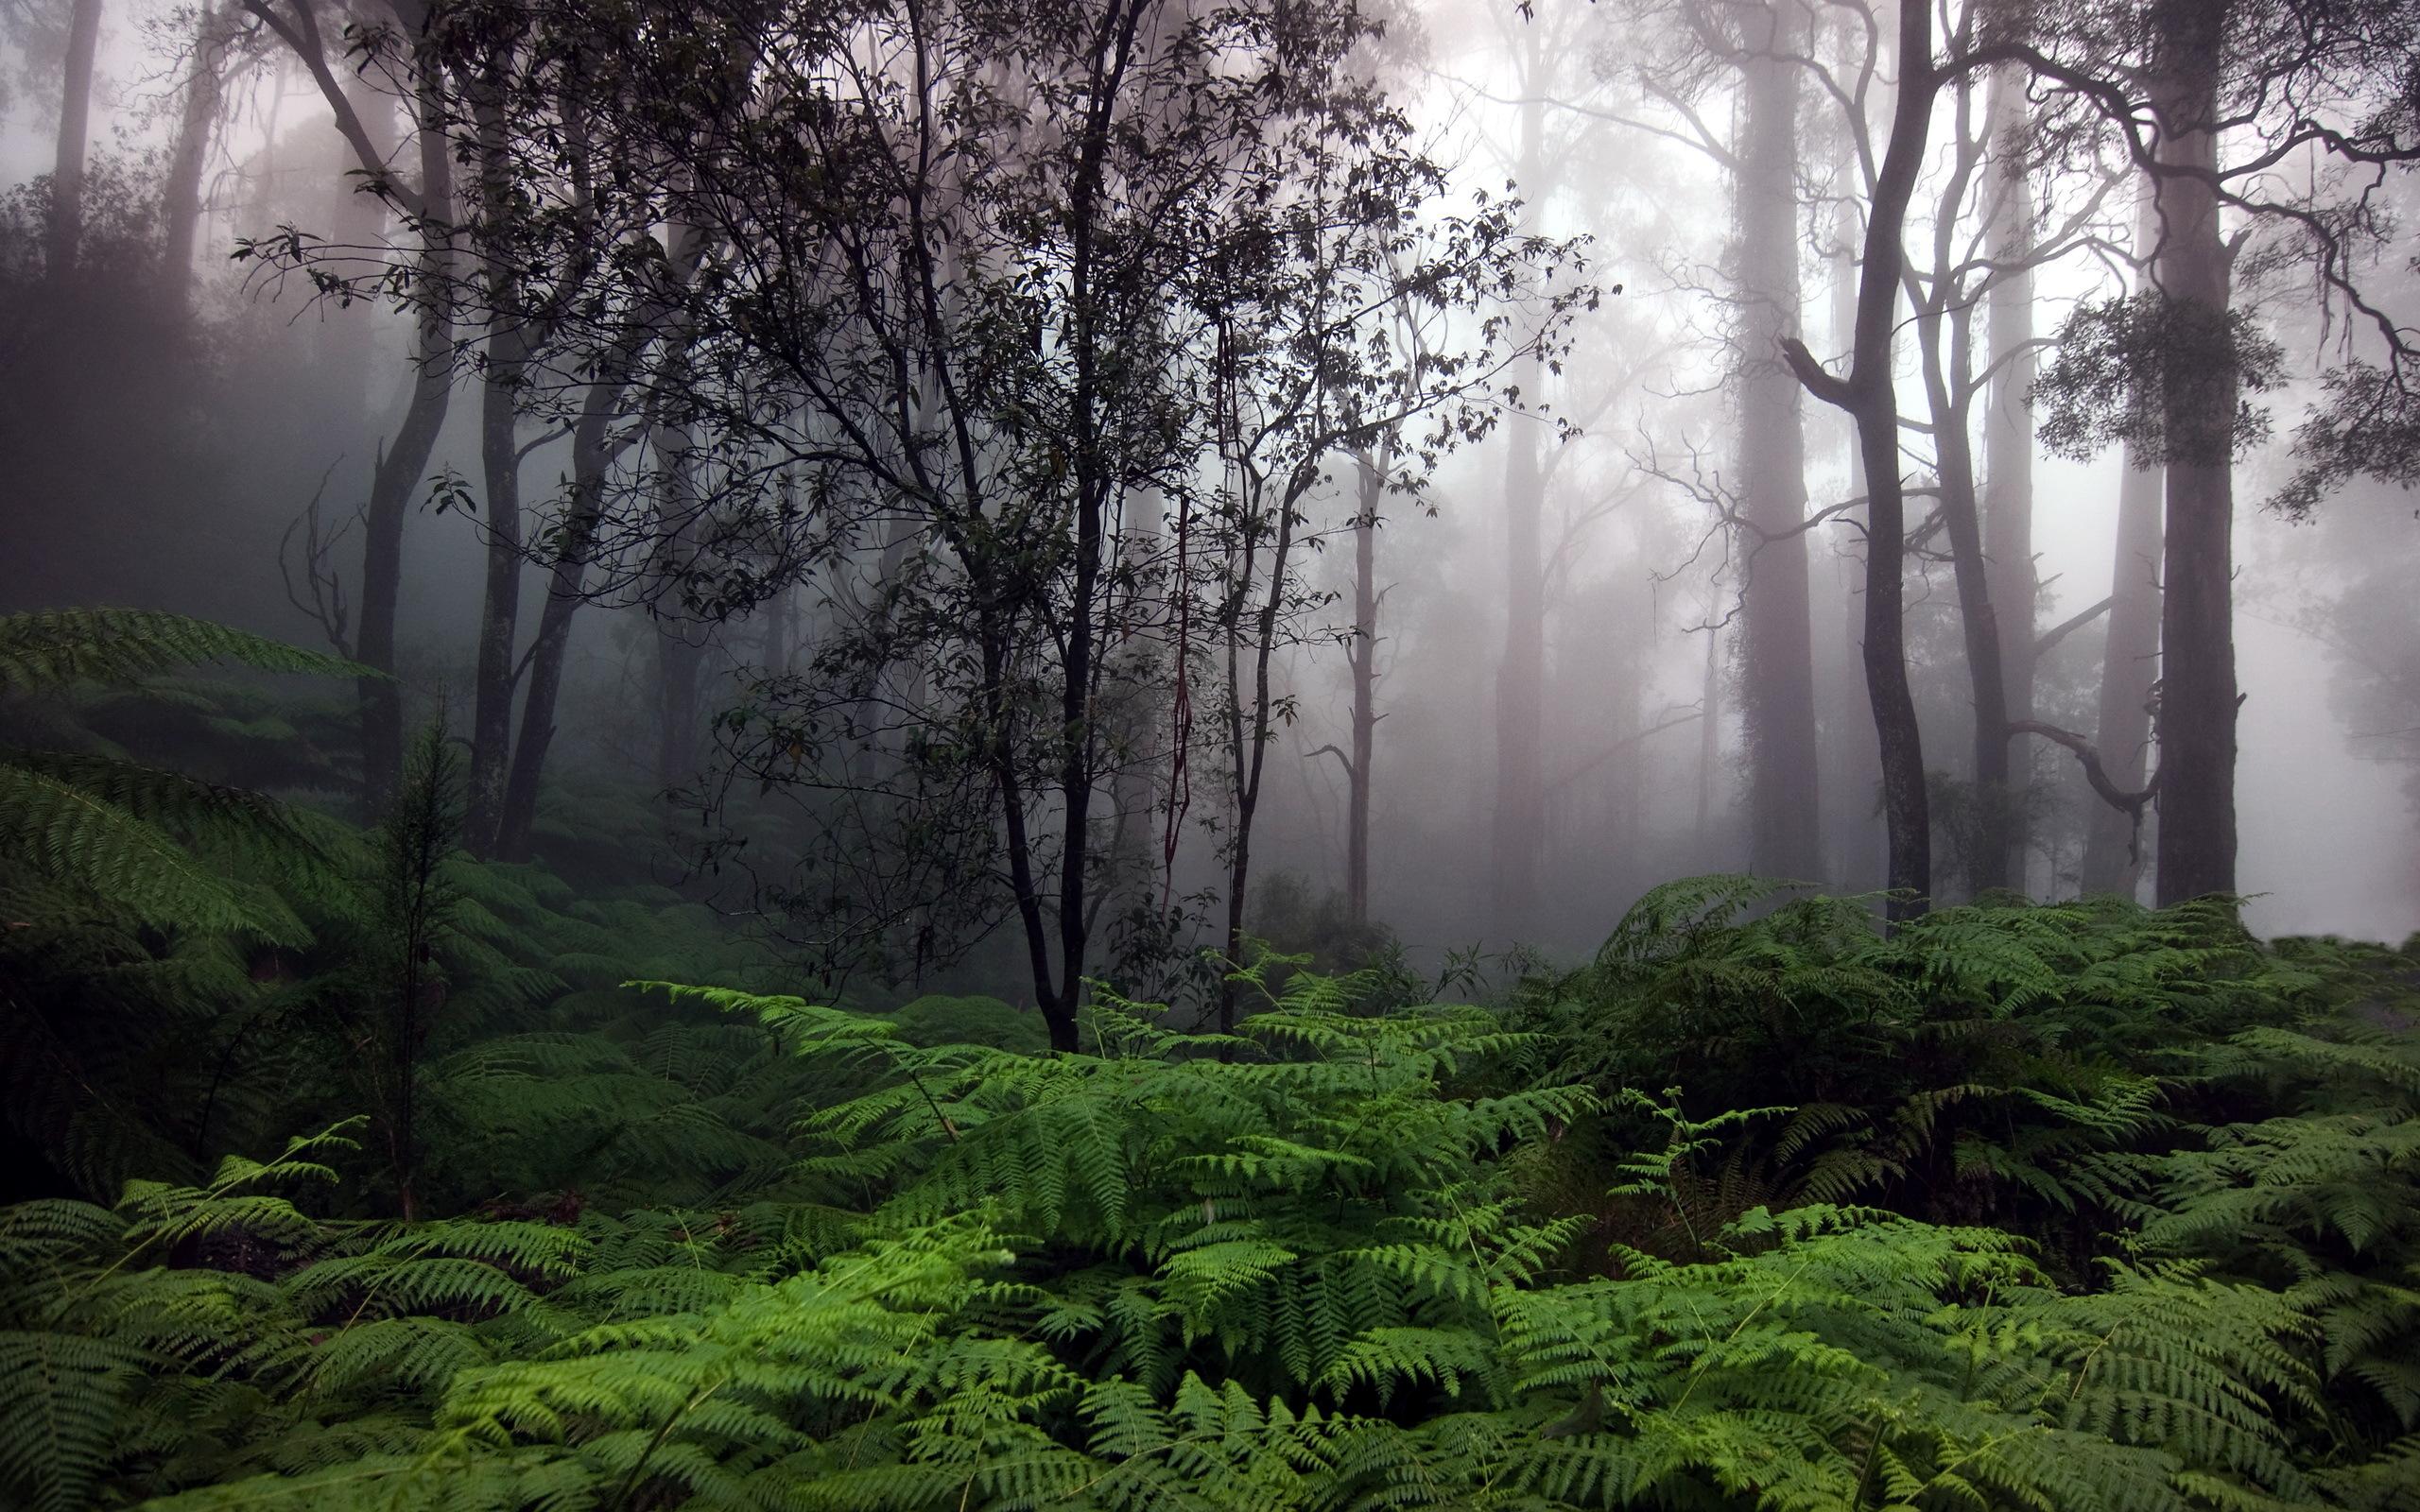 обои на рабочий стол лес в тумане hd № 252019 бесплатно